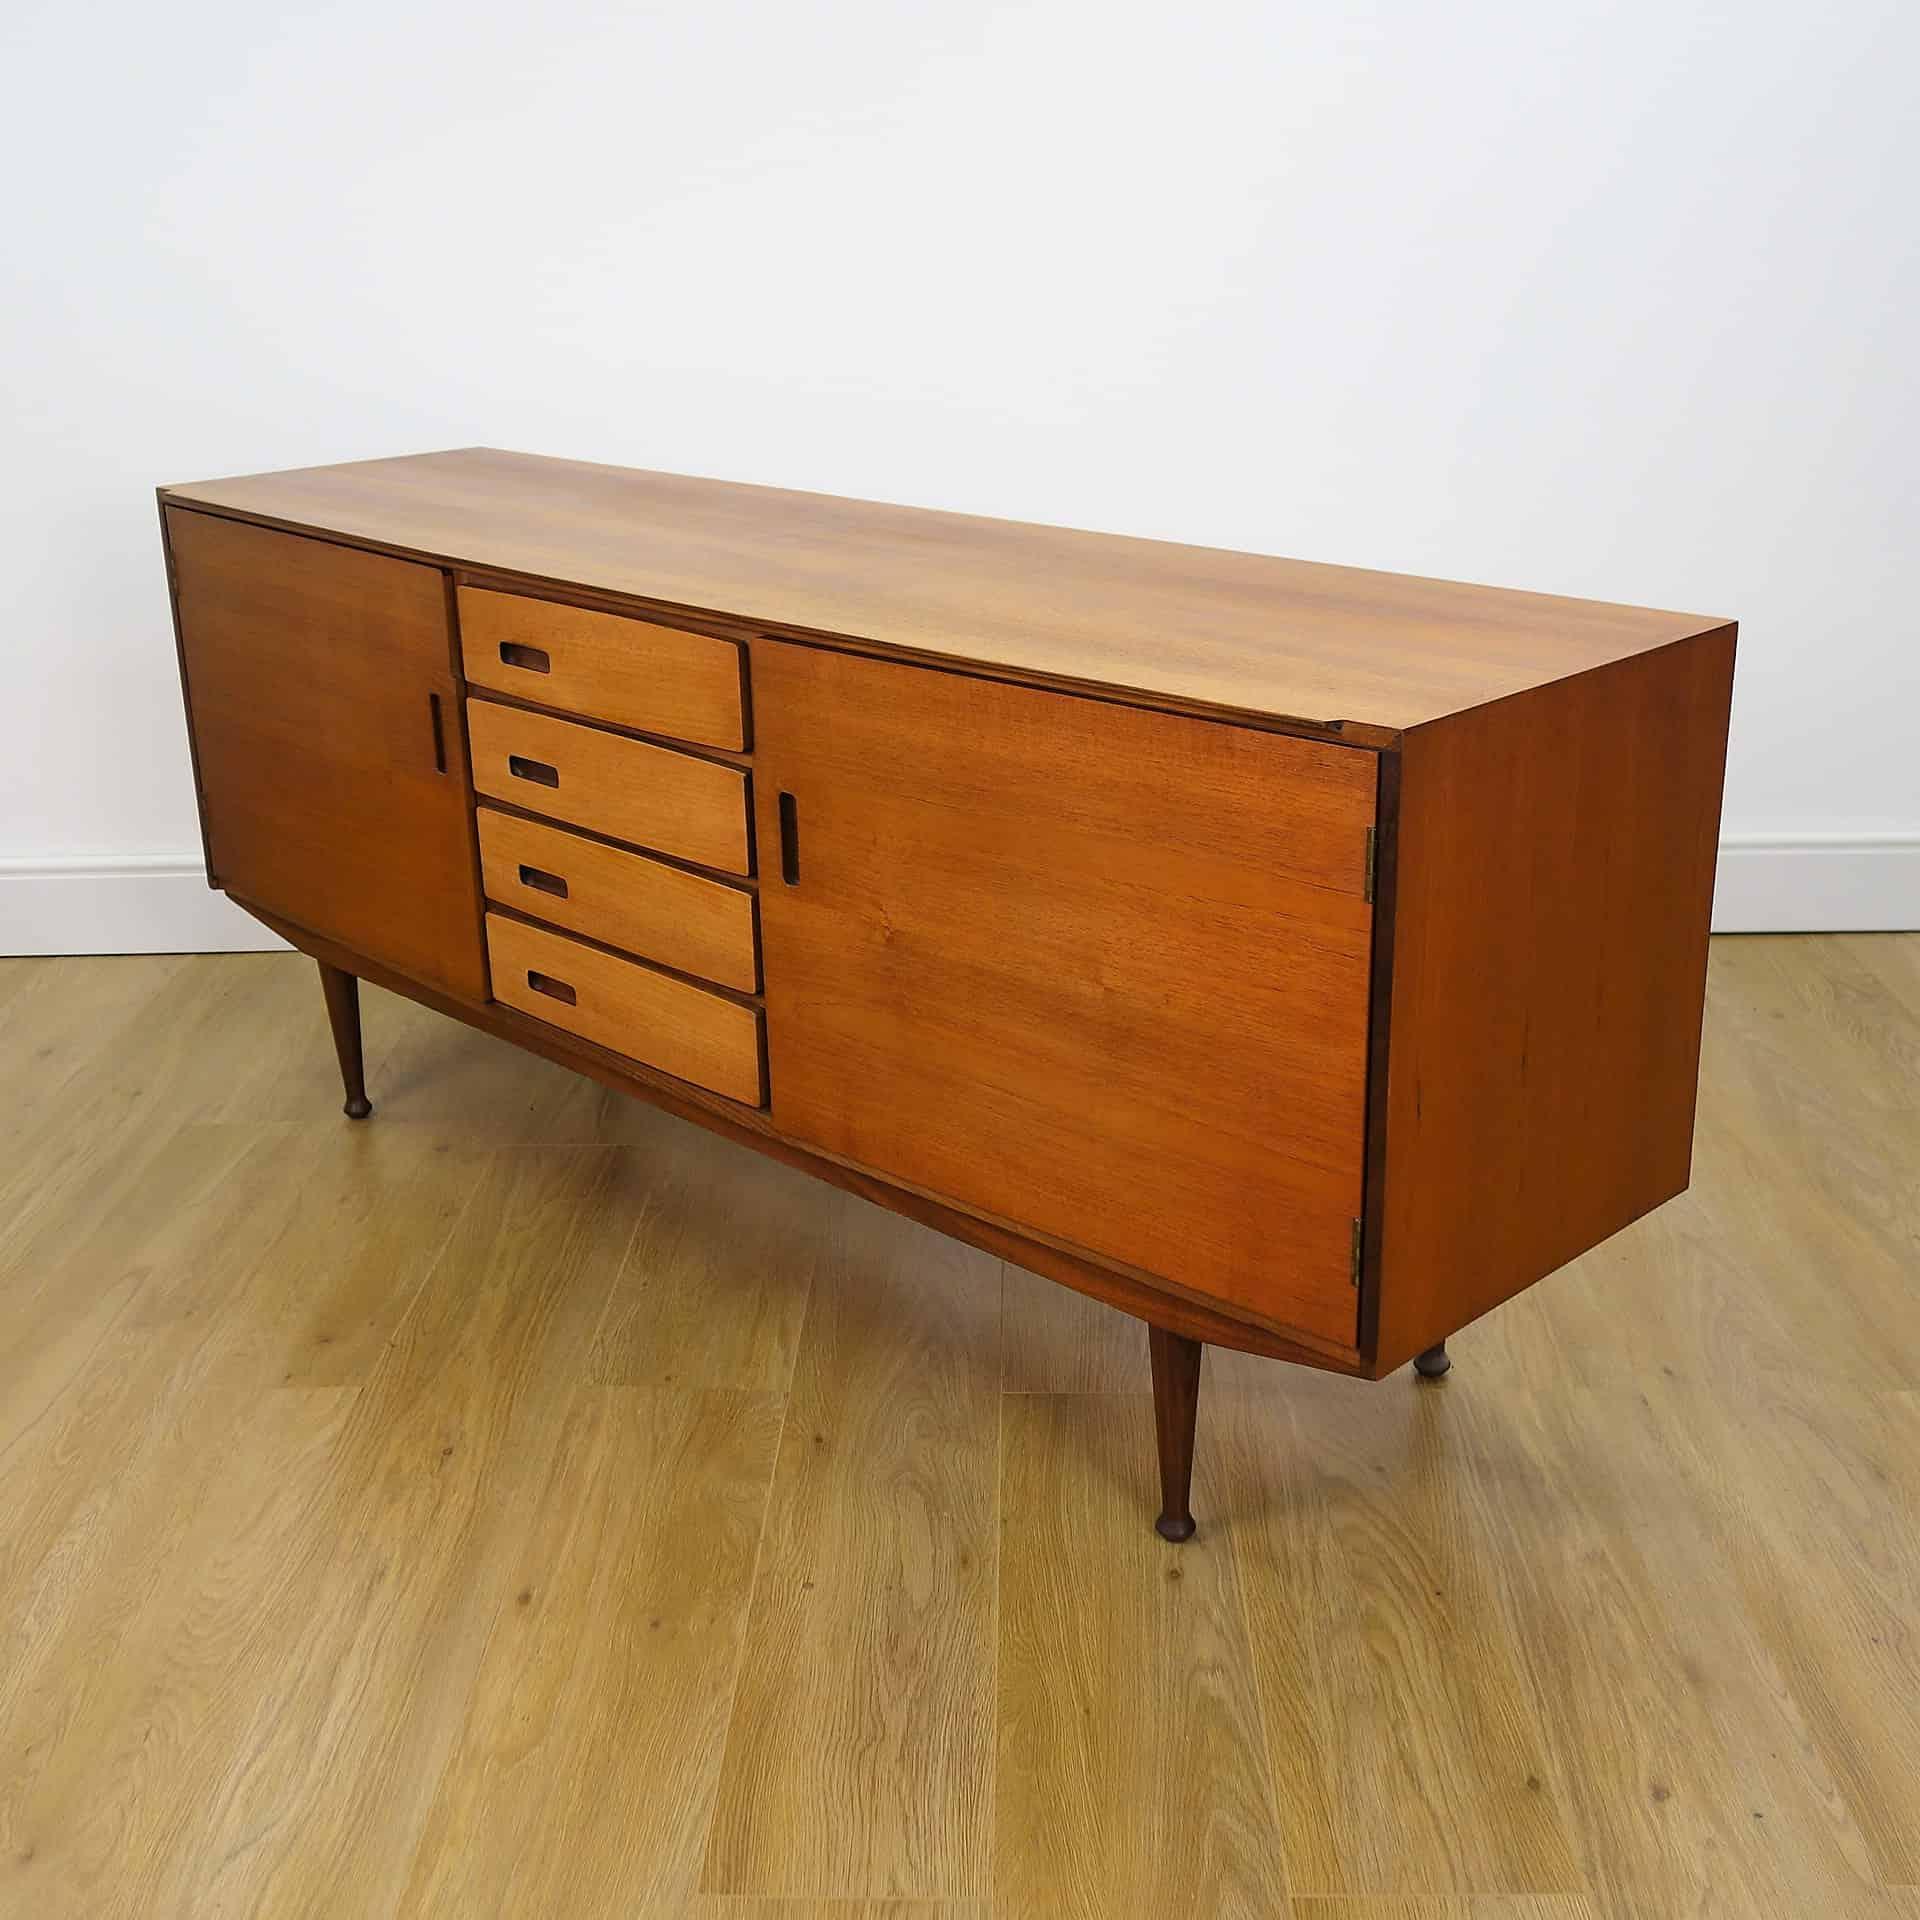 1960s Teak sideboard by Meredew furniture